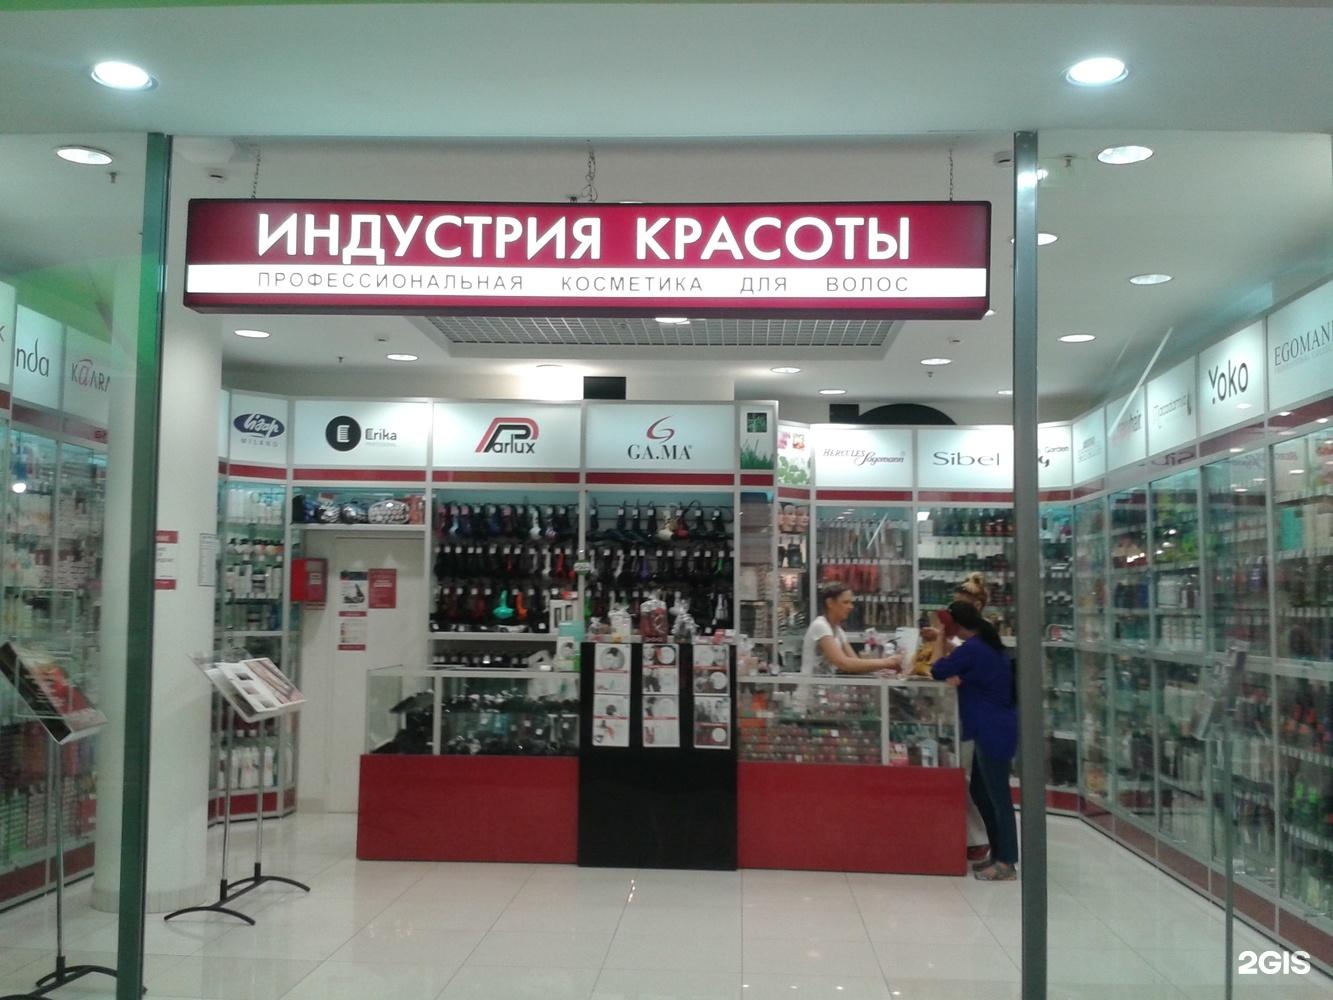 Индустрия красоты проспект гражданский, д 41б магазин косметики для салонов красоты: отзывы адрес и телефон.